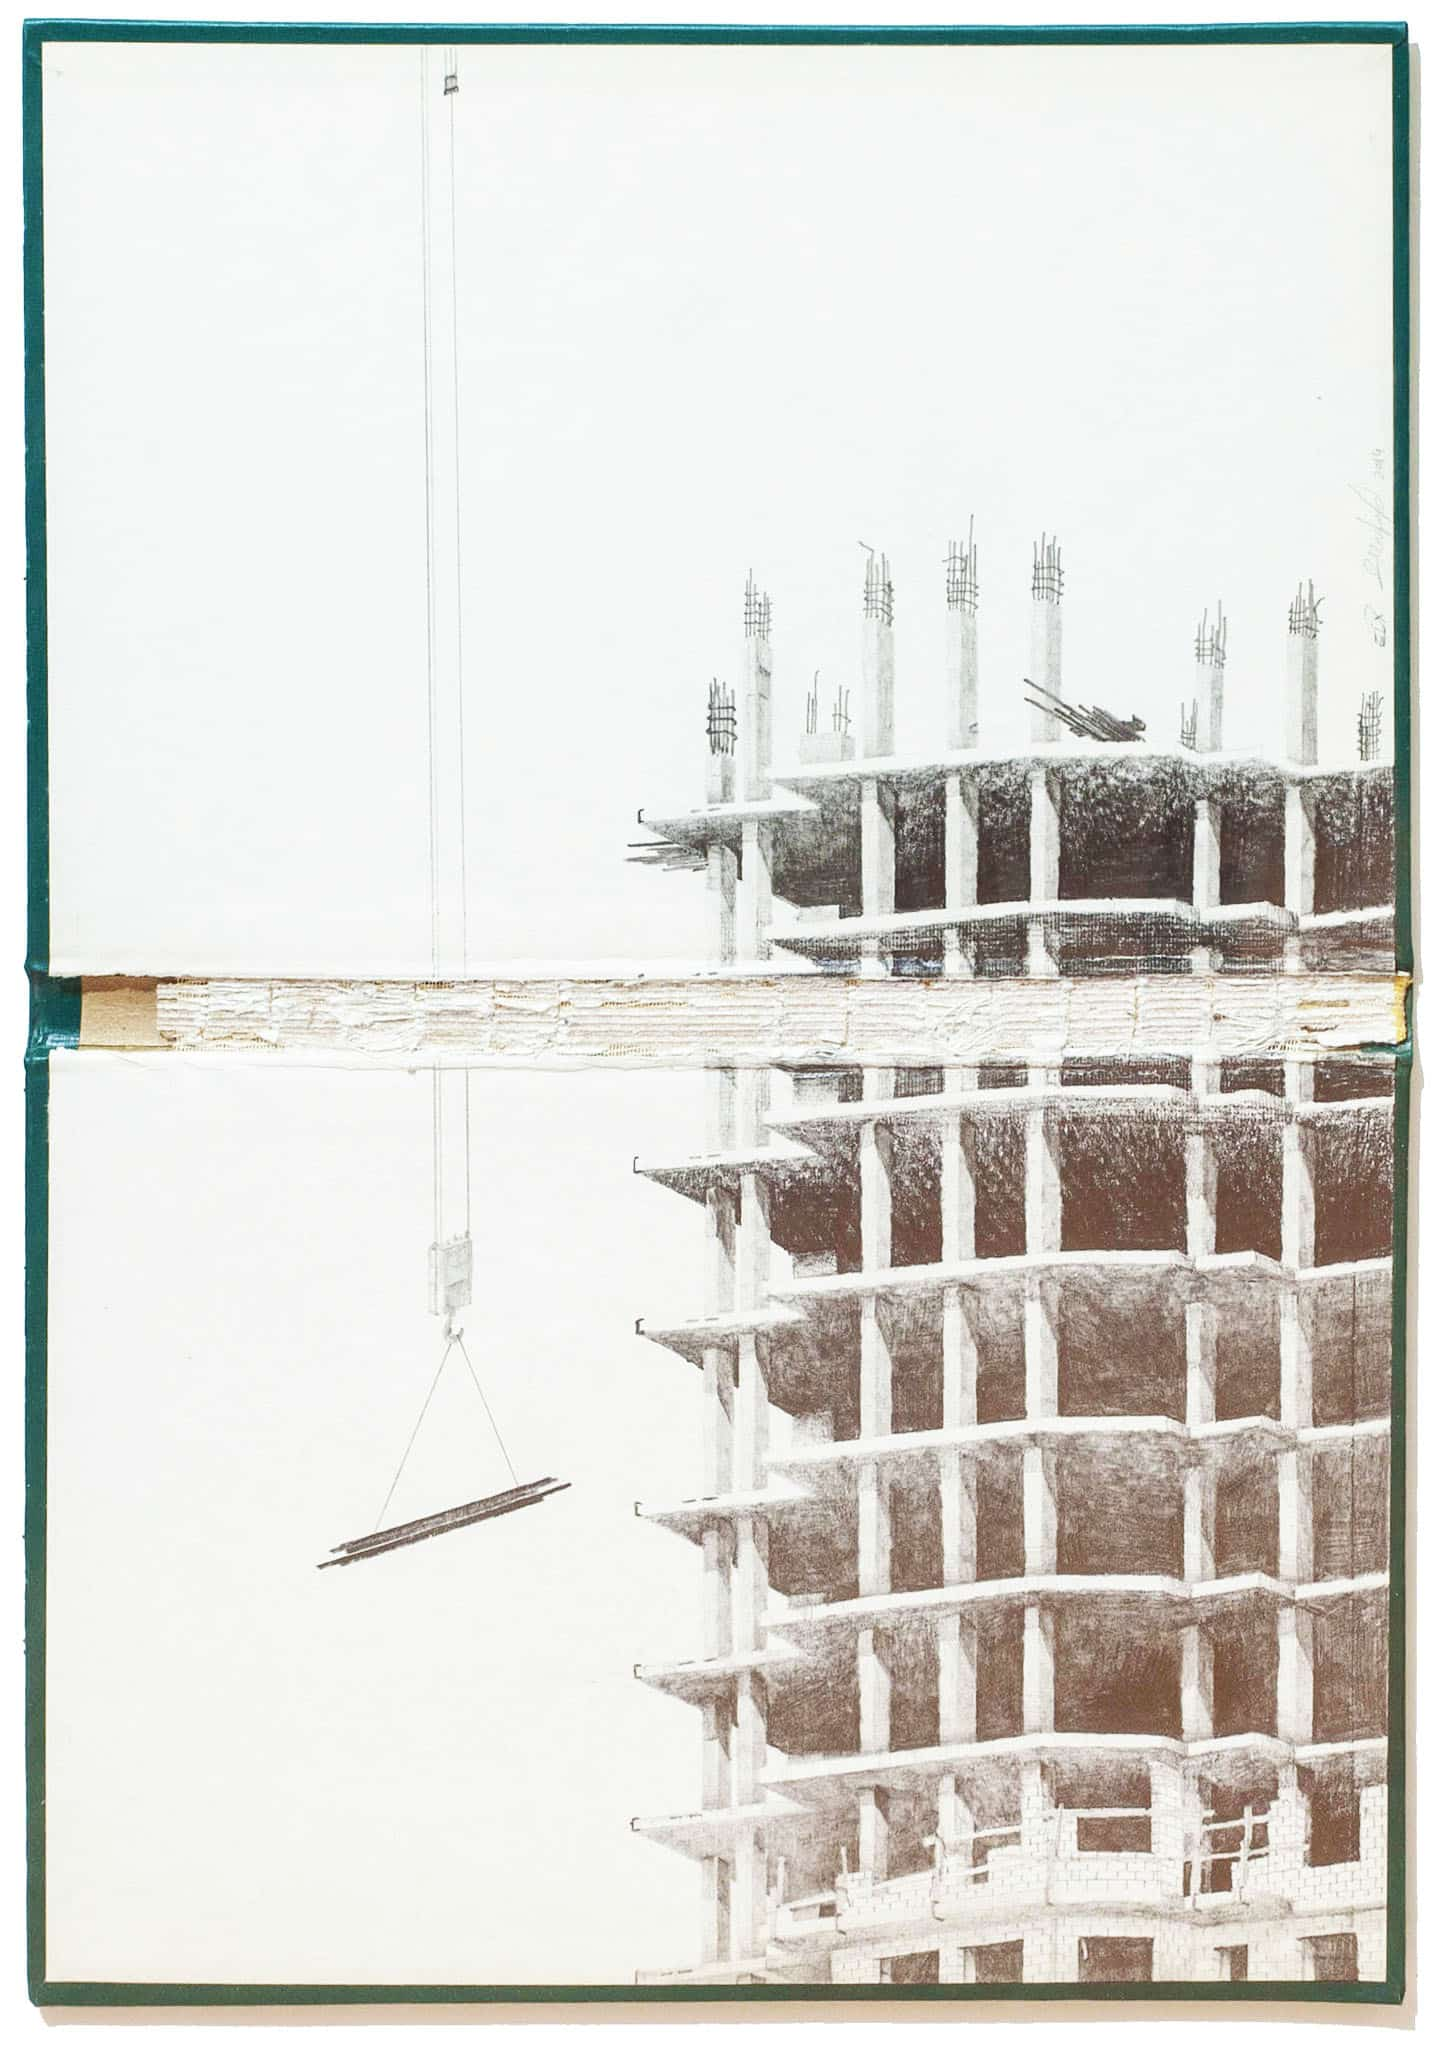 """אמיר תומשוב, """"Abyssus Abyssum Invocat XI"""", 2014, גרפיט על כריכת ספר, 31×44 ס""""מ"""